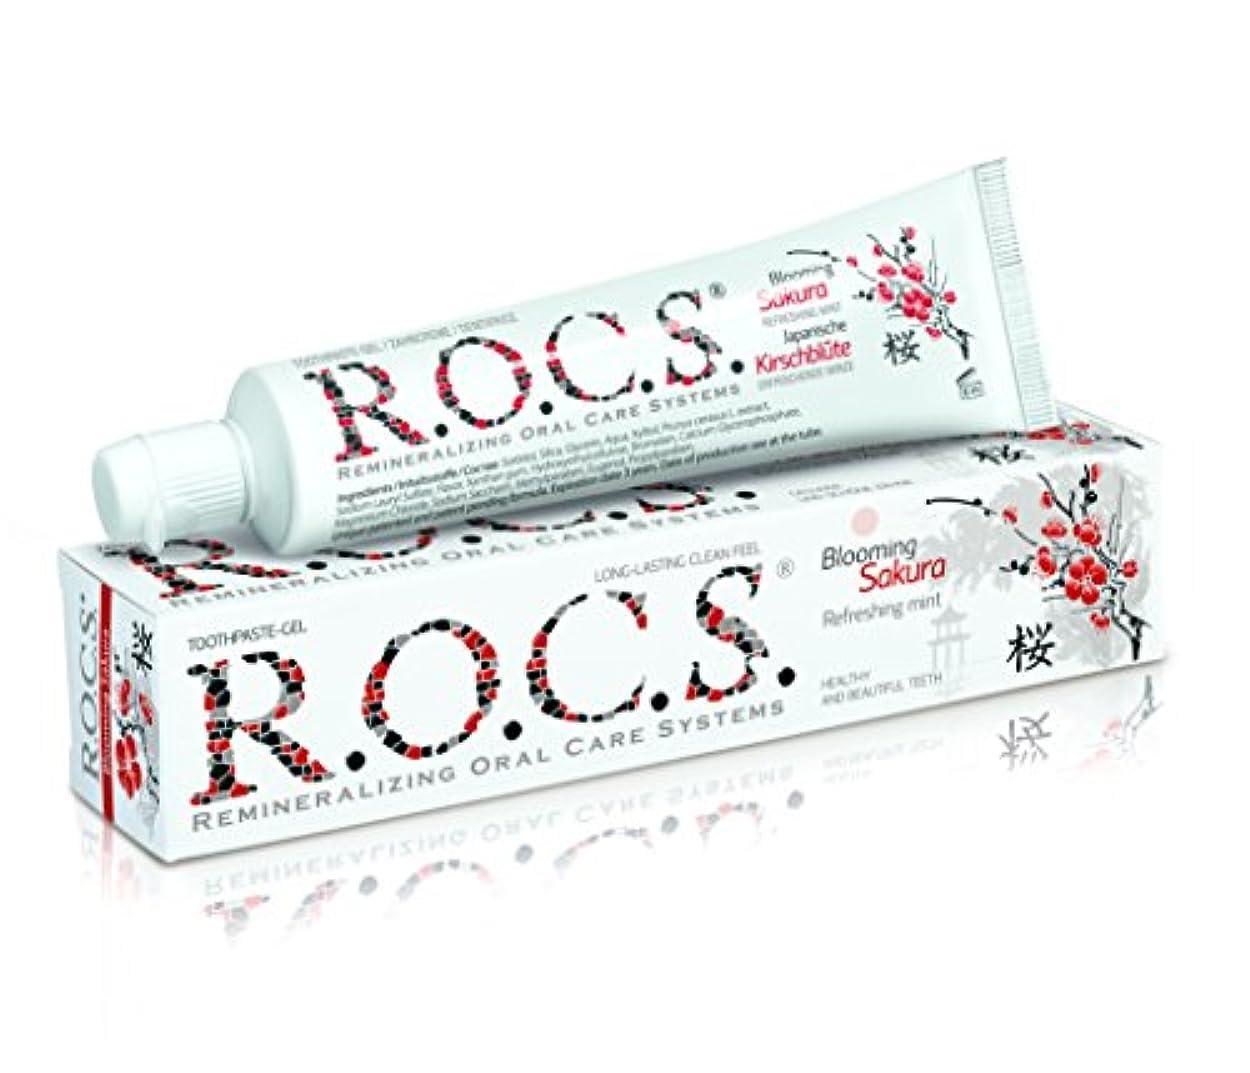 写真を撮る全く優れましたR.O.C.S. ロックス歯磨き粉 ブルーミング サクラ